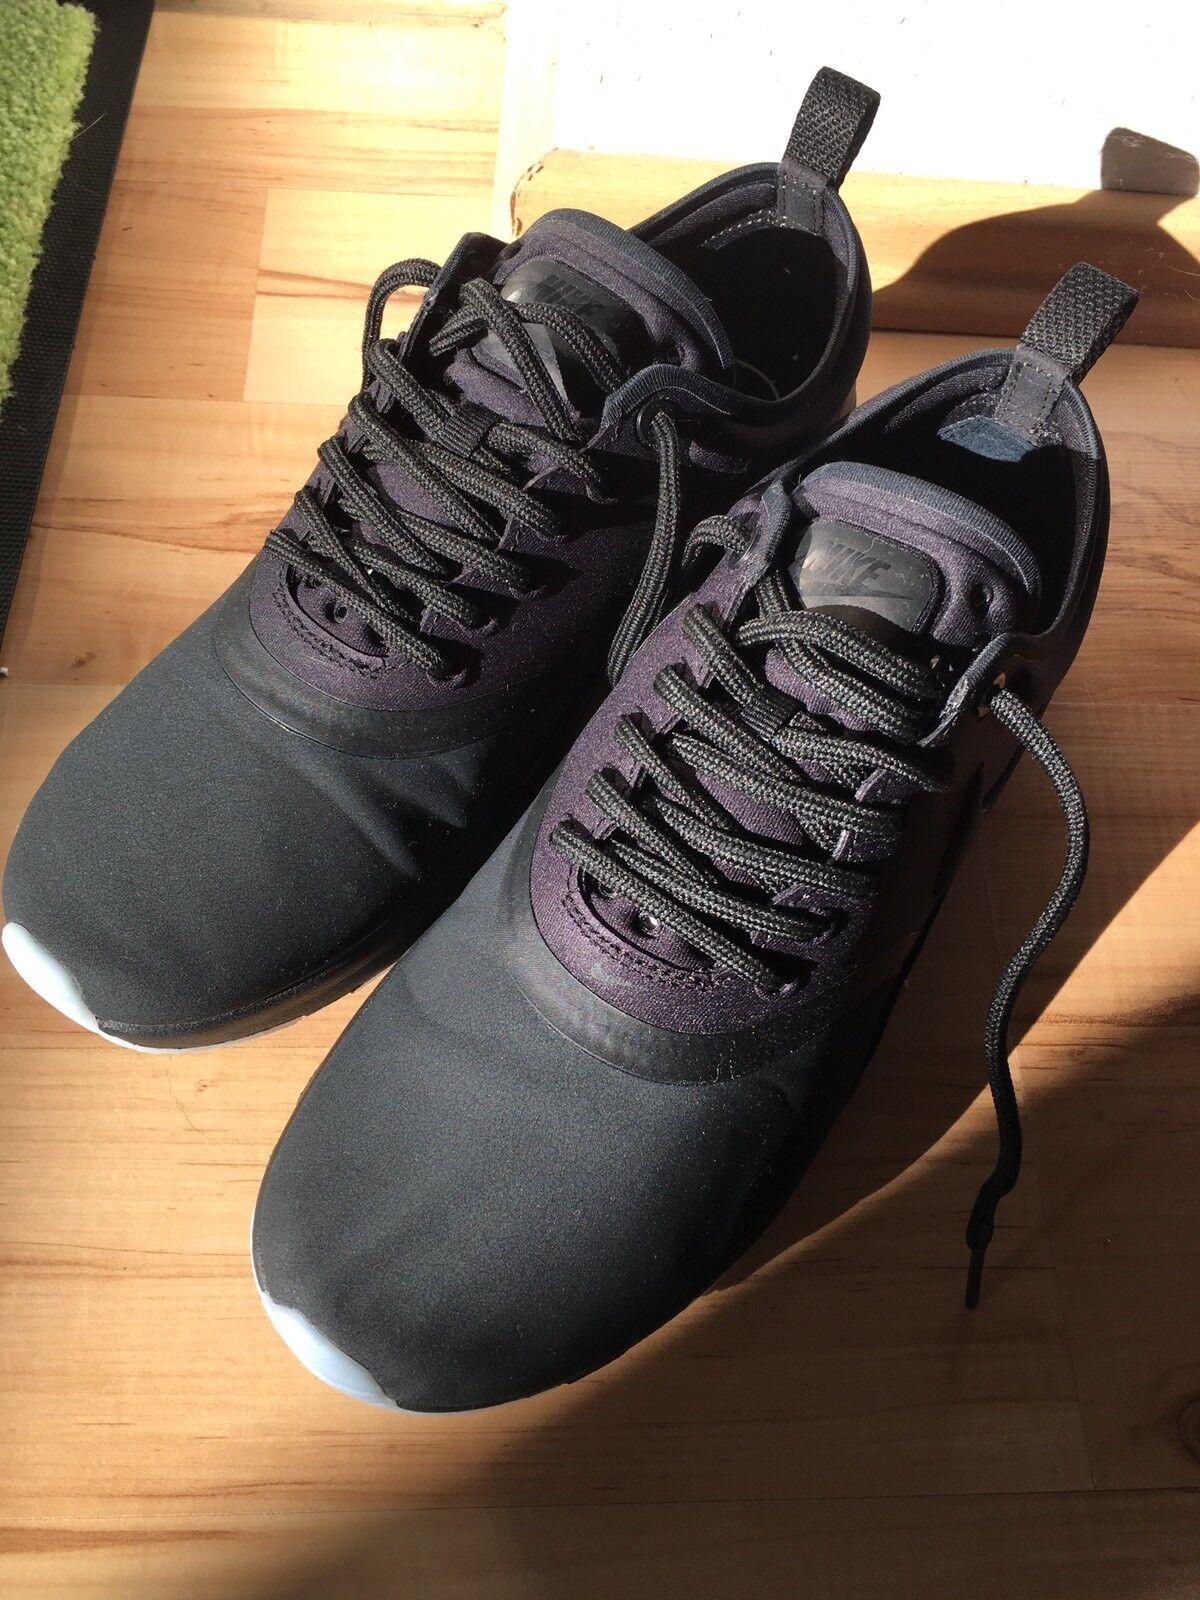 Nike Air Max Thea Ultra Premium Damenschuhe getragen, schwarz Gr. 40, nicht getragen, Damenschuhe neu 087d49